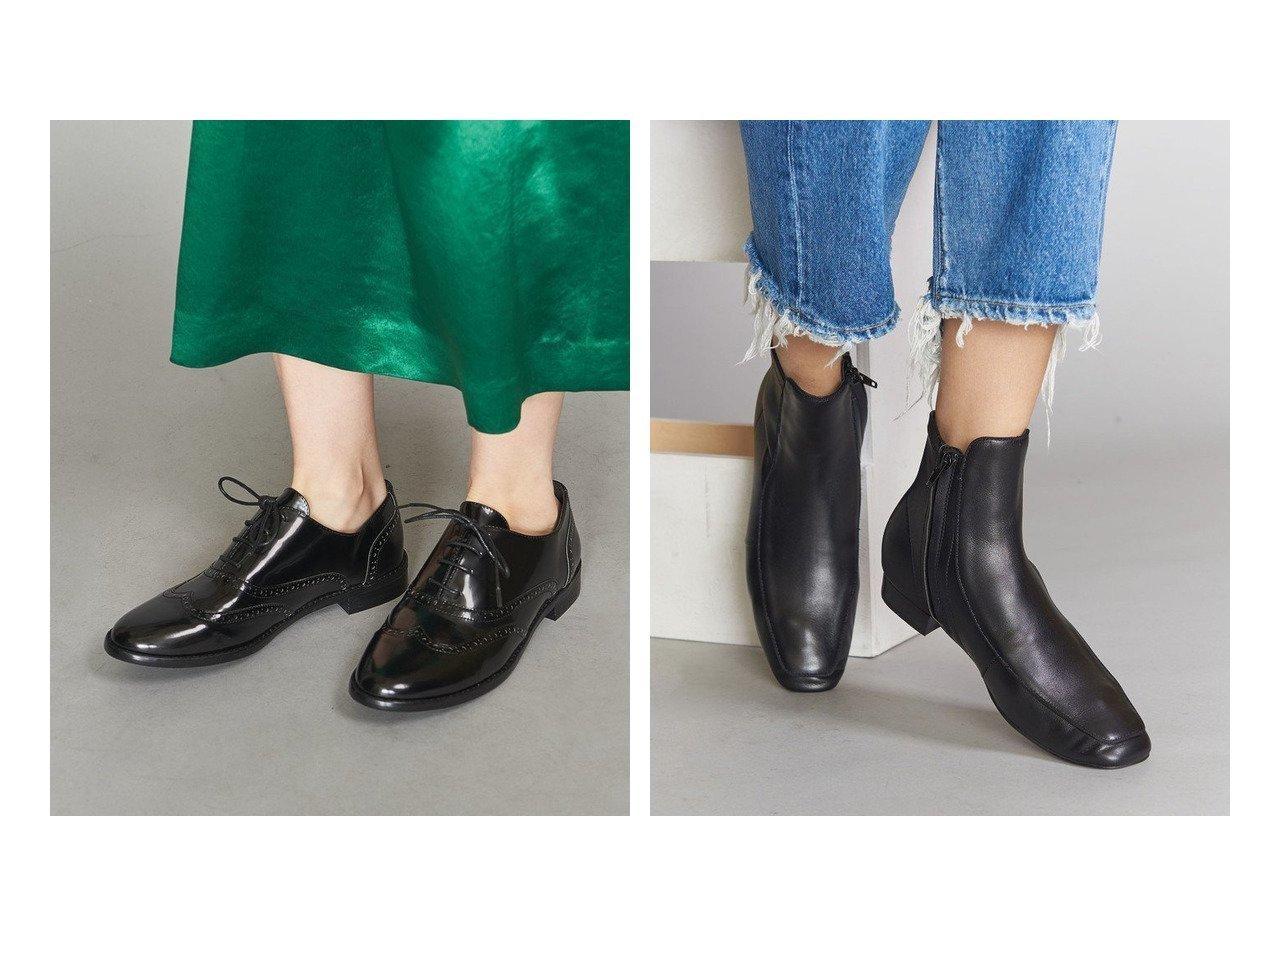 【BEAUTY&YOUTH UNITED ARROWS/ビューティアンド ユースユナイテッドアローズ】のBY メダリオンレースアップシューズ&BY スクエアチップショートブーツ シューズ・靴のおすすめ!人気トレンド・レディースファッションの通販 おすすめで人気のファッション通販商品 インテリア・家具・キッズファッション・メンズファッション・レディースファッション・服の通販 founy(ファニー) https://founy.com/ ファッション Fashion レディース WOMEN ワンピース Dress ドレス Party Dresses シューズ マニッシュ ミックス 人気 定番 ショート スラックス デニム フォルム ベーシック |ID:crp329100000006578